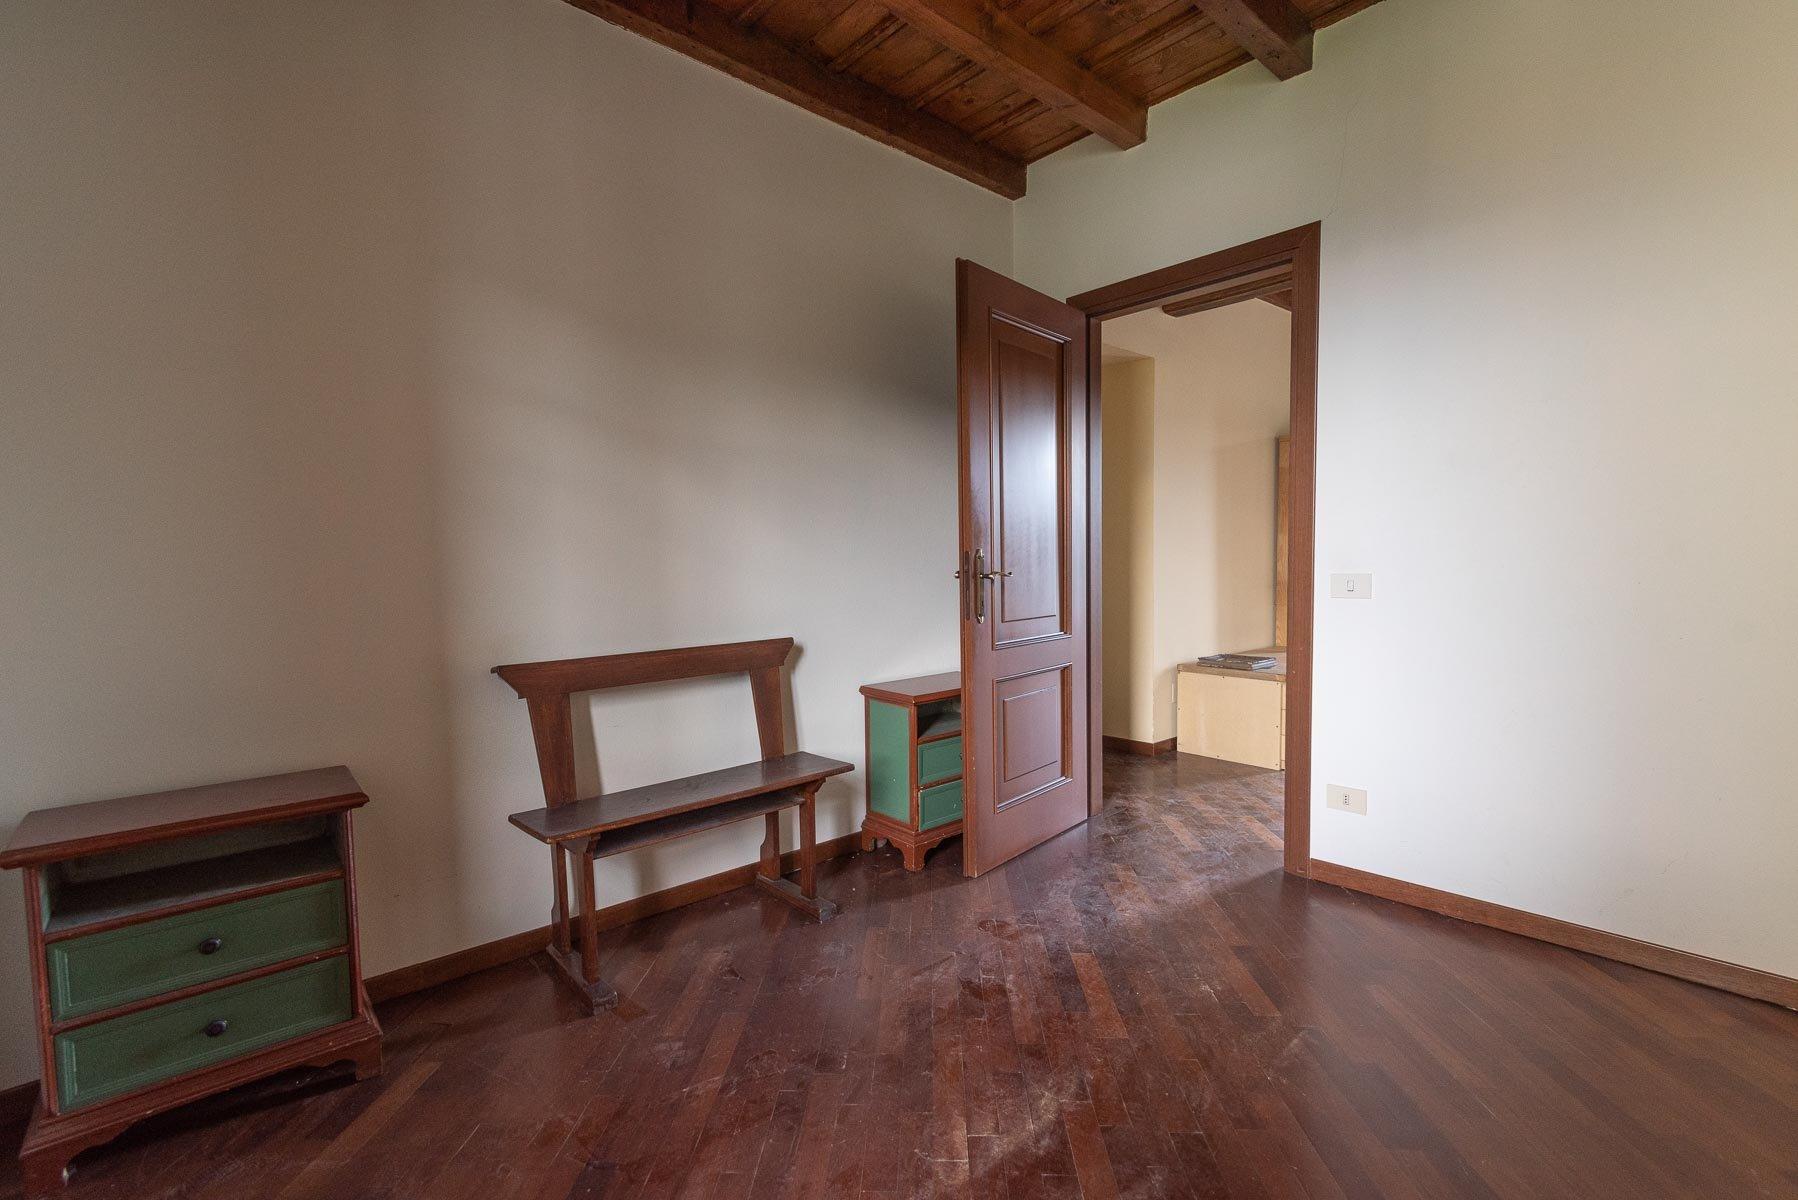 Apartment for sale in Pescatori Island, Stresa - room